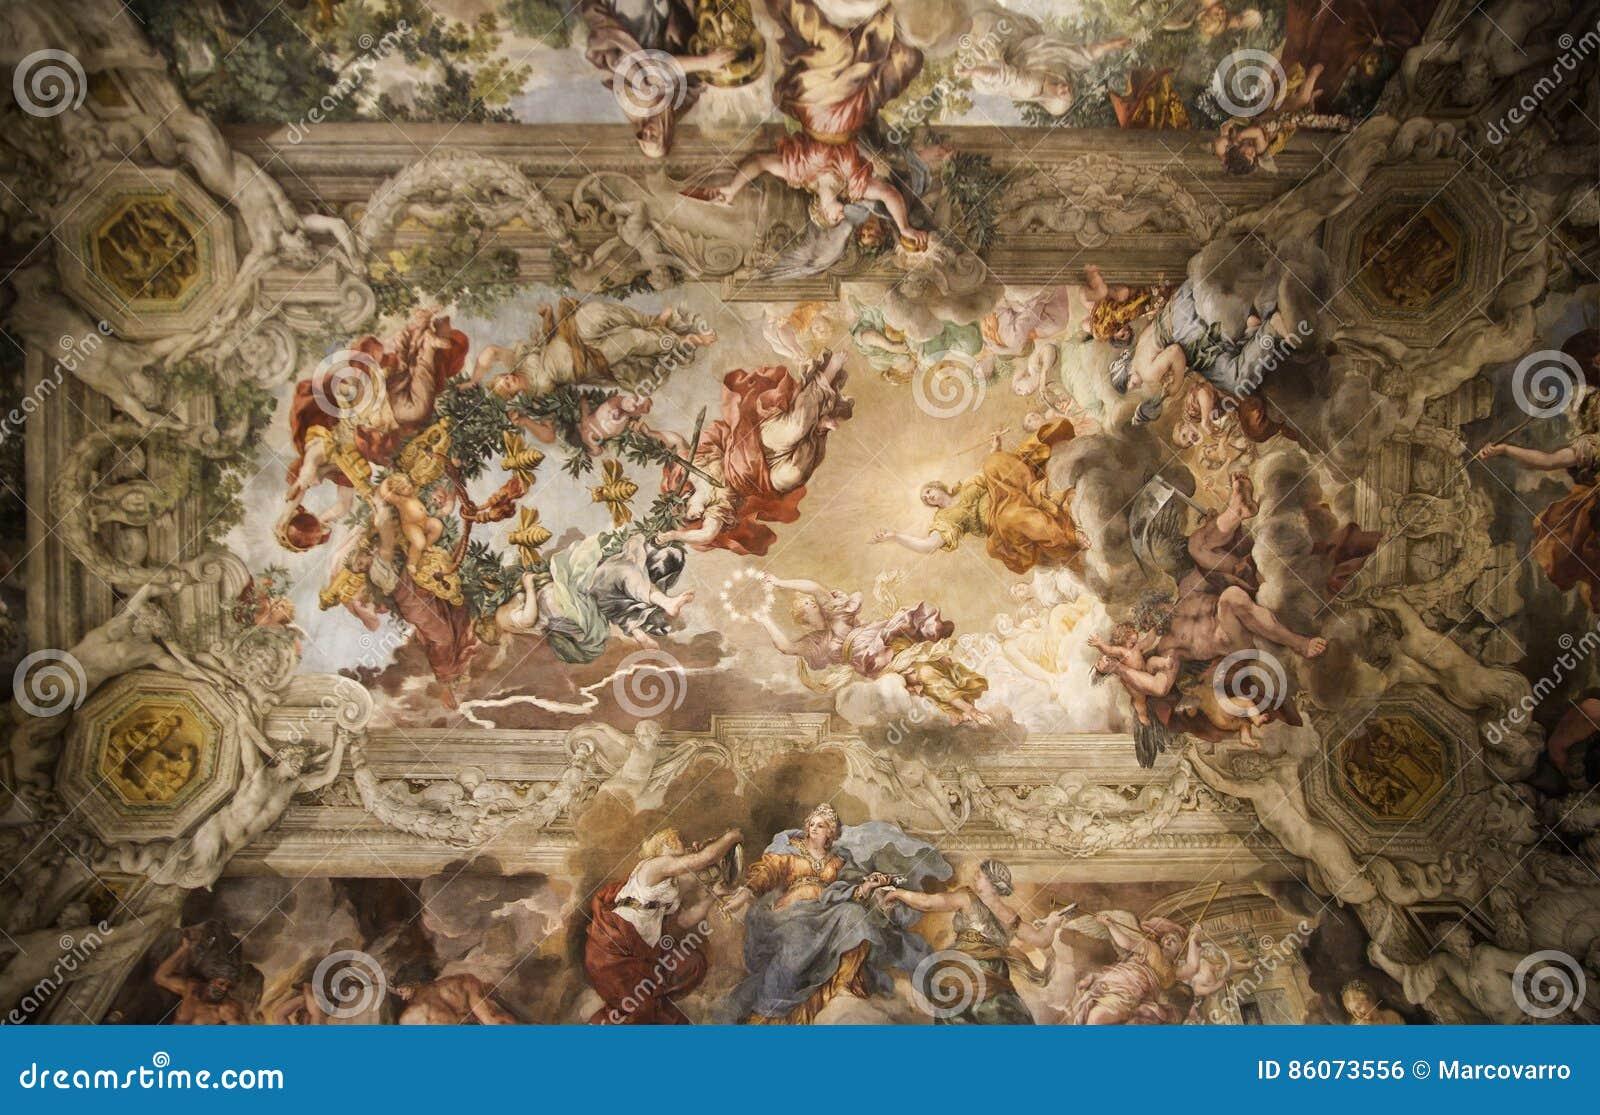 Soffitto Del Salone Del Palazzo Barberini Fotografia Editoriale - Immagine: 86073556